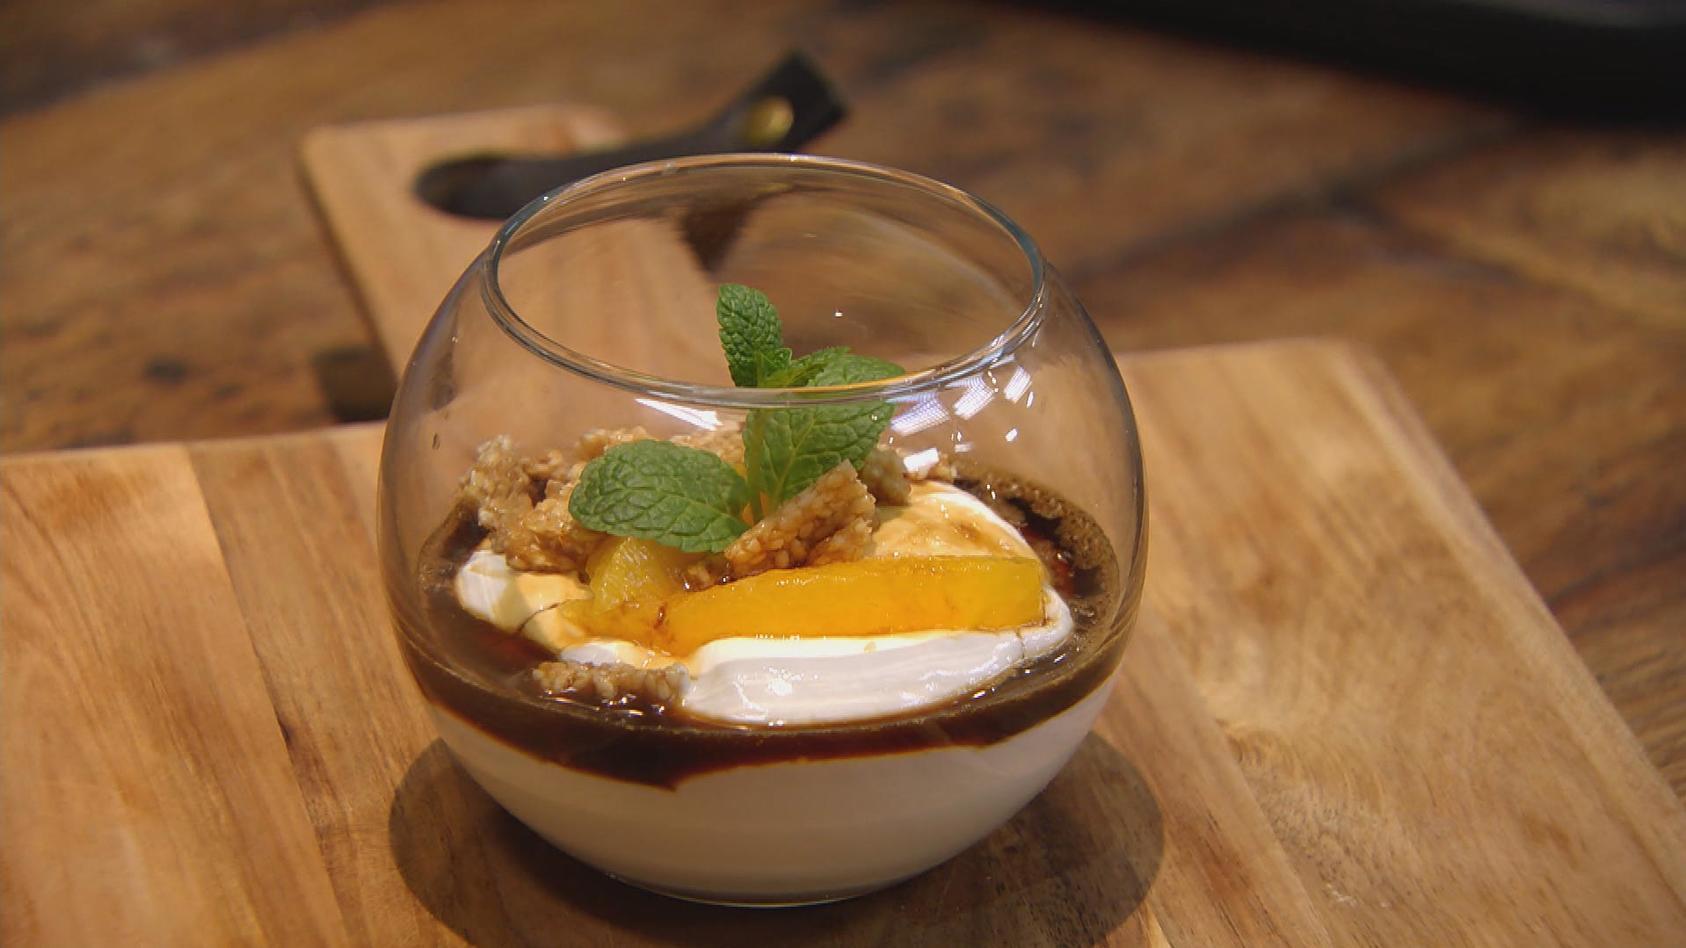 Ab in den Urlaub! Kulinarische Grüße aus Griechenland: Griechischer Joghurt mit Kaffeesirup